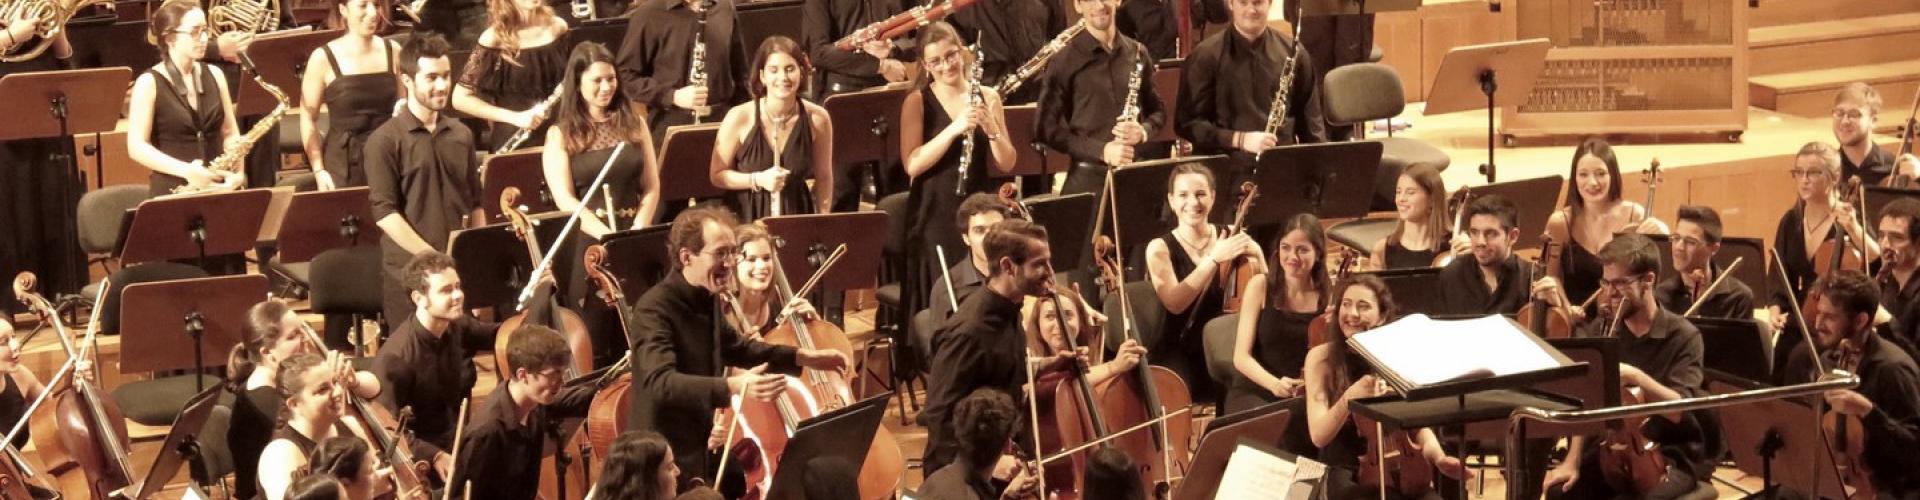 La Orquesta Joven de Andalucía en el Auditorio Manuel de Falla de Granada. 8 julio 2017 @María Marí-Pérez